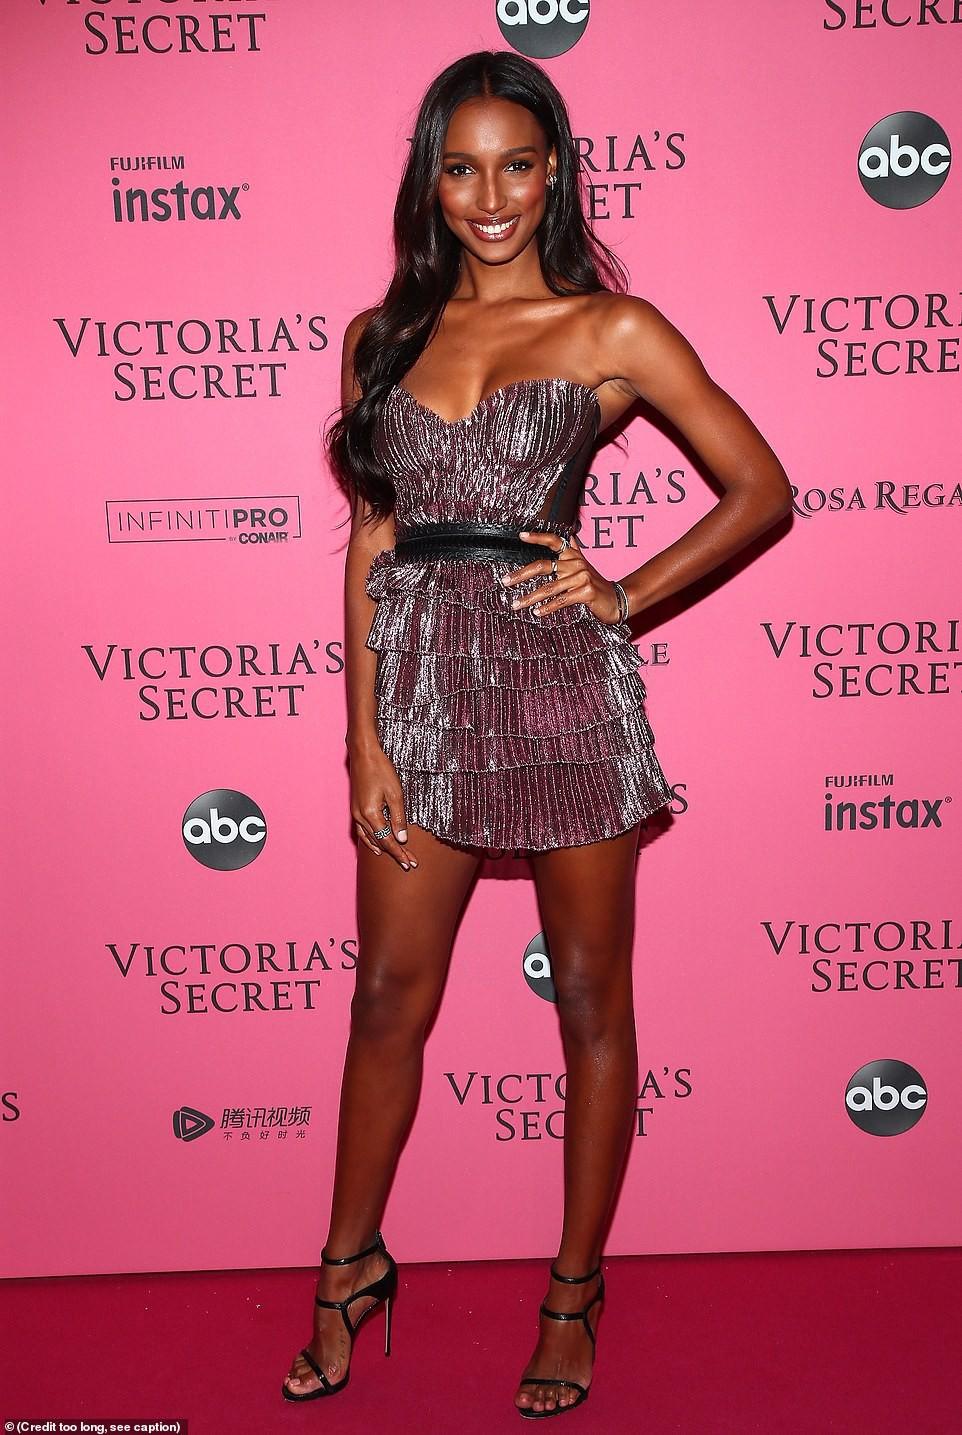 Thảm đỏ hậu show Victorias Secret: Dù không đẹp nhất, Bella Hadid vẫn nổi nhất dàn sao vì... lộ hết vòng 1 - Ảnh 14.